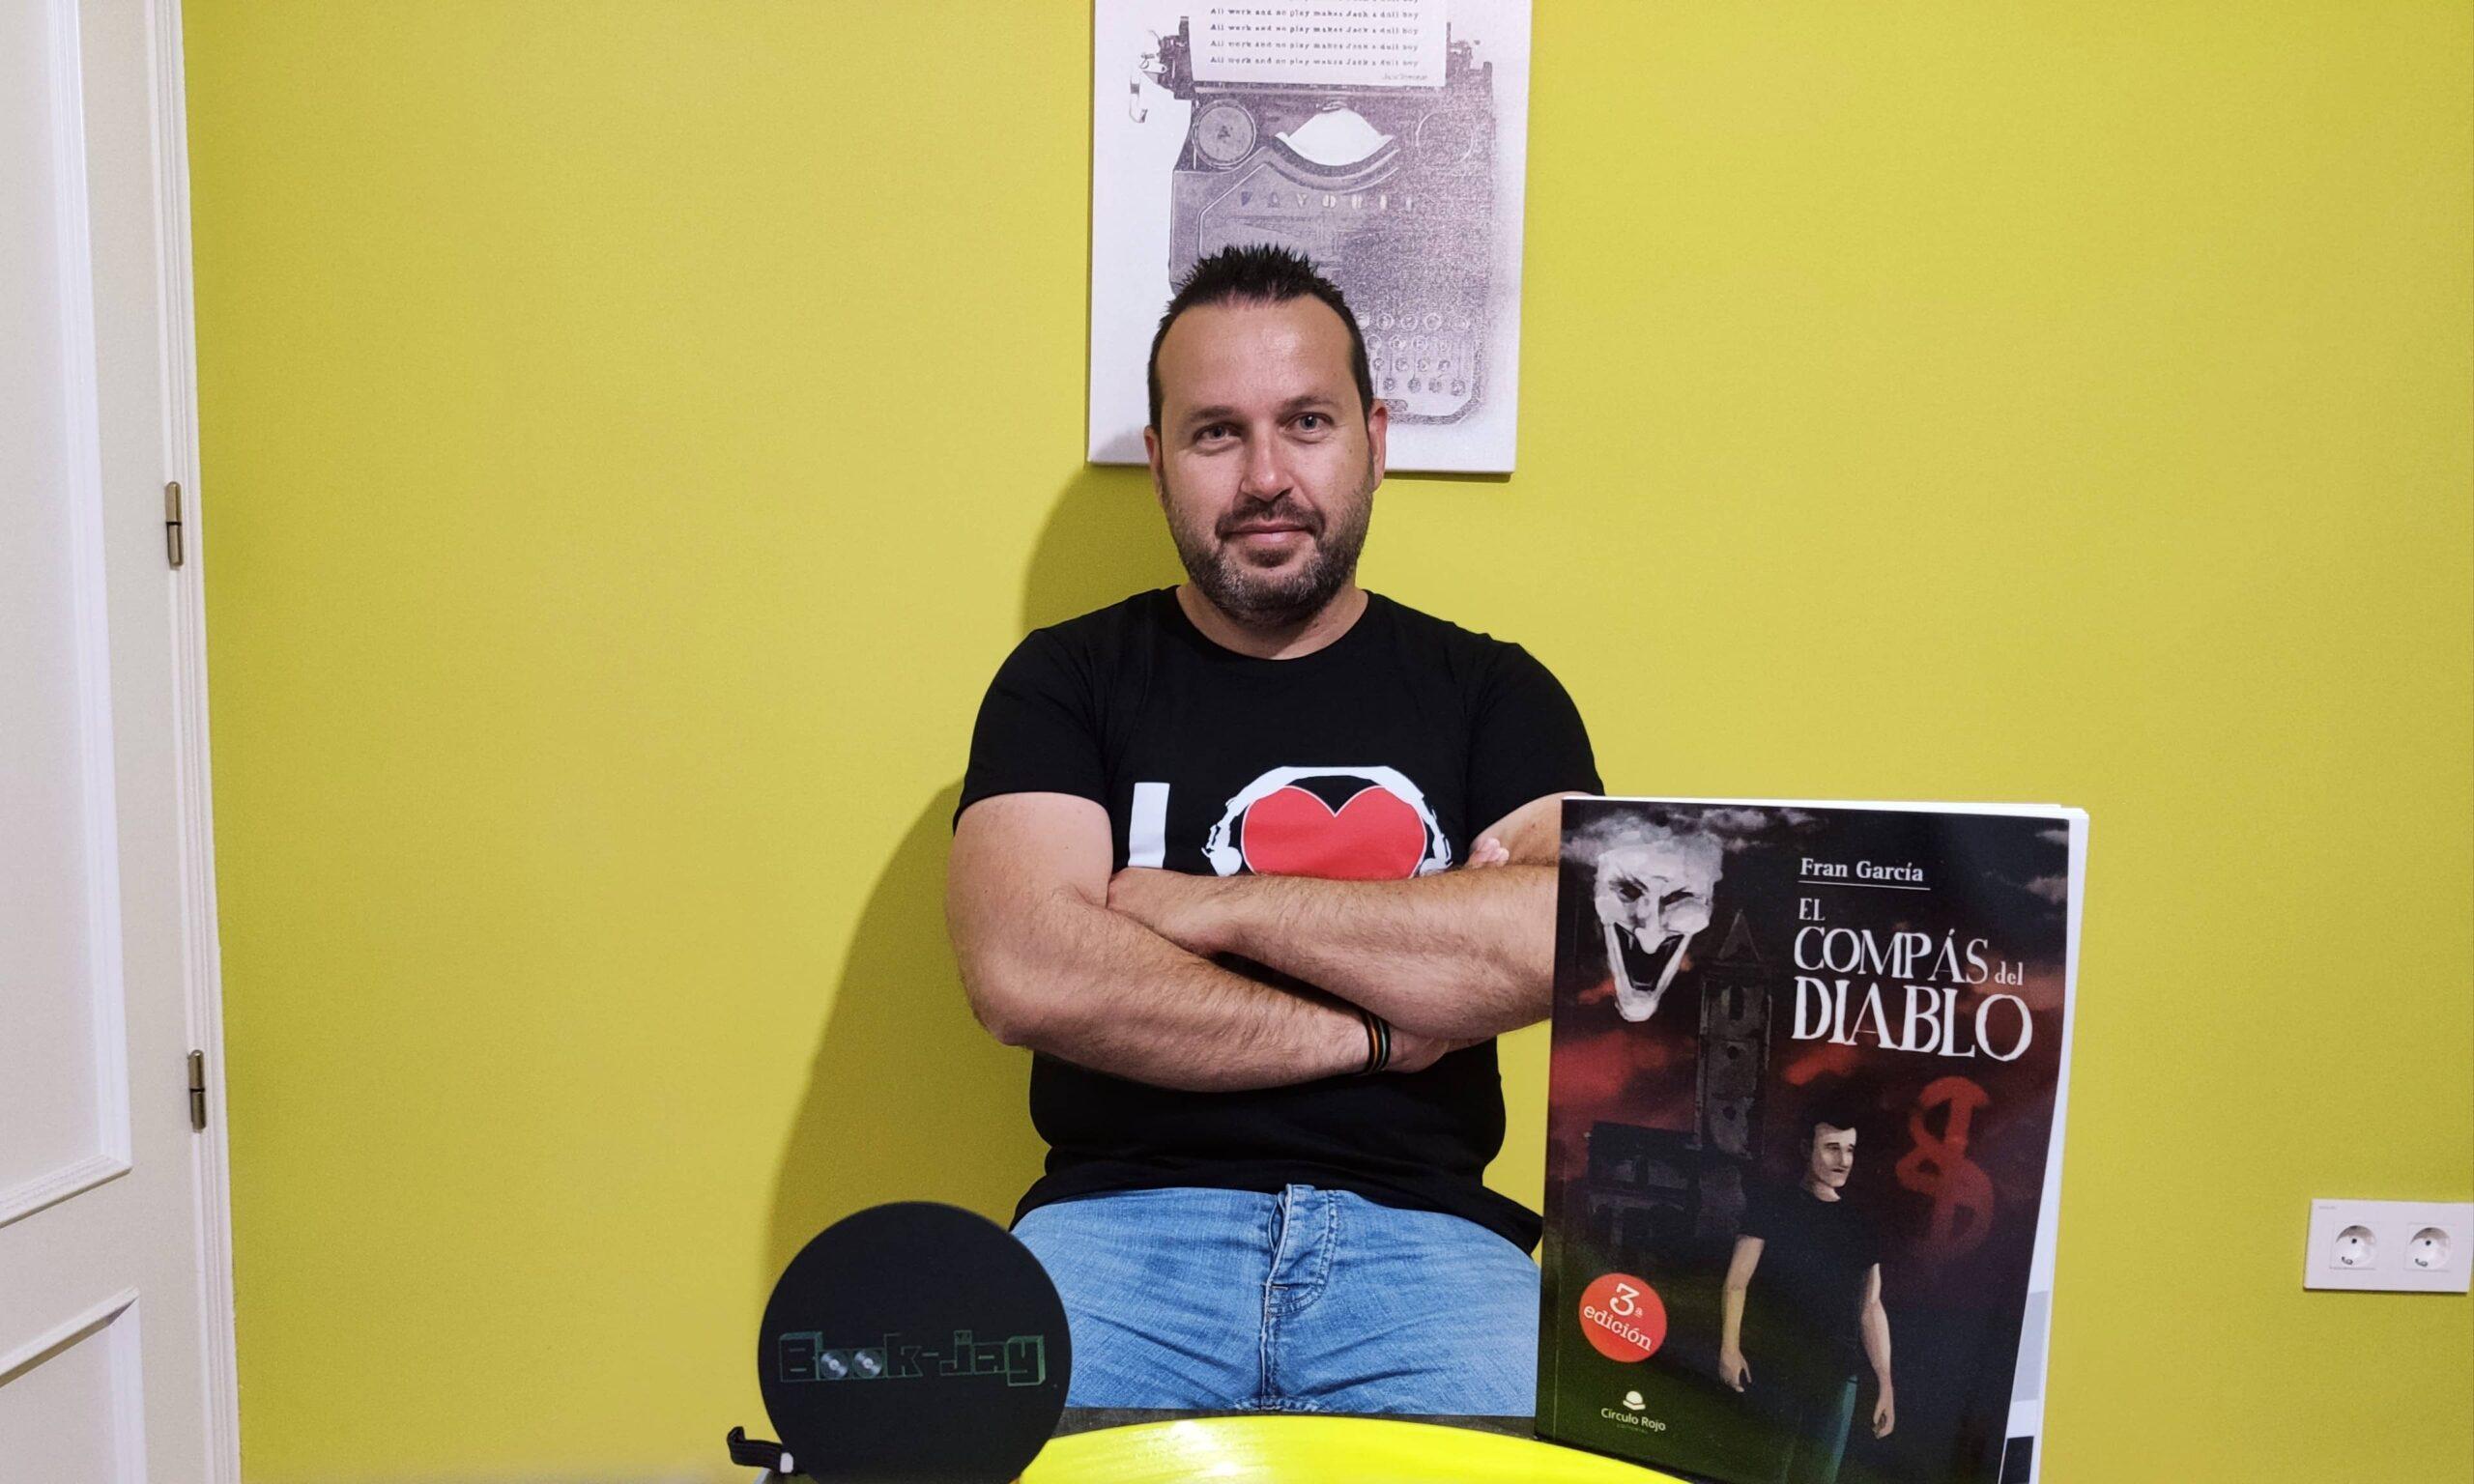 """Entrevista a Fran García, autor de """"La embajada del diablo"""""""